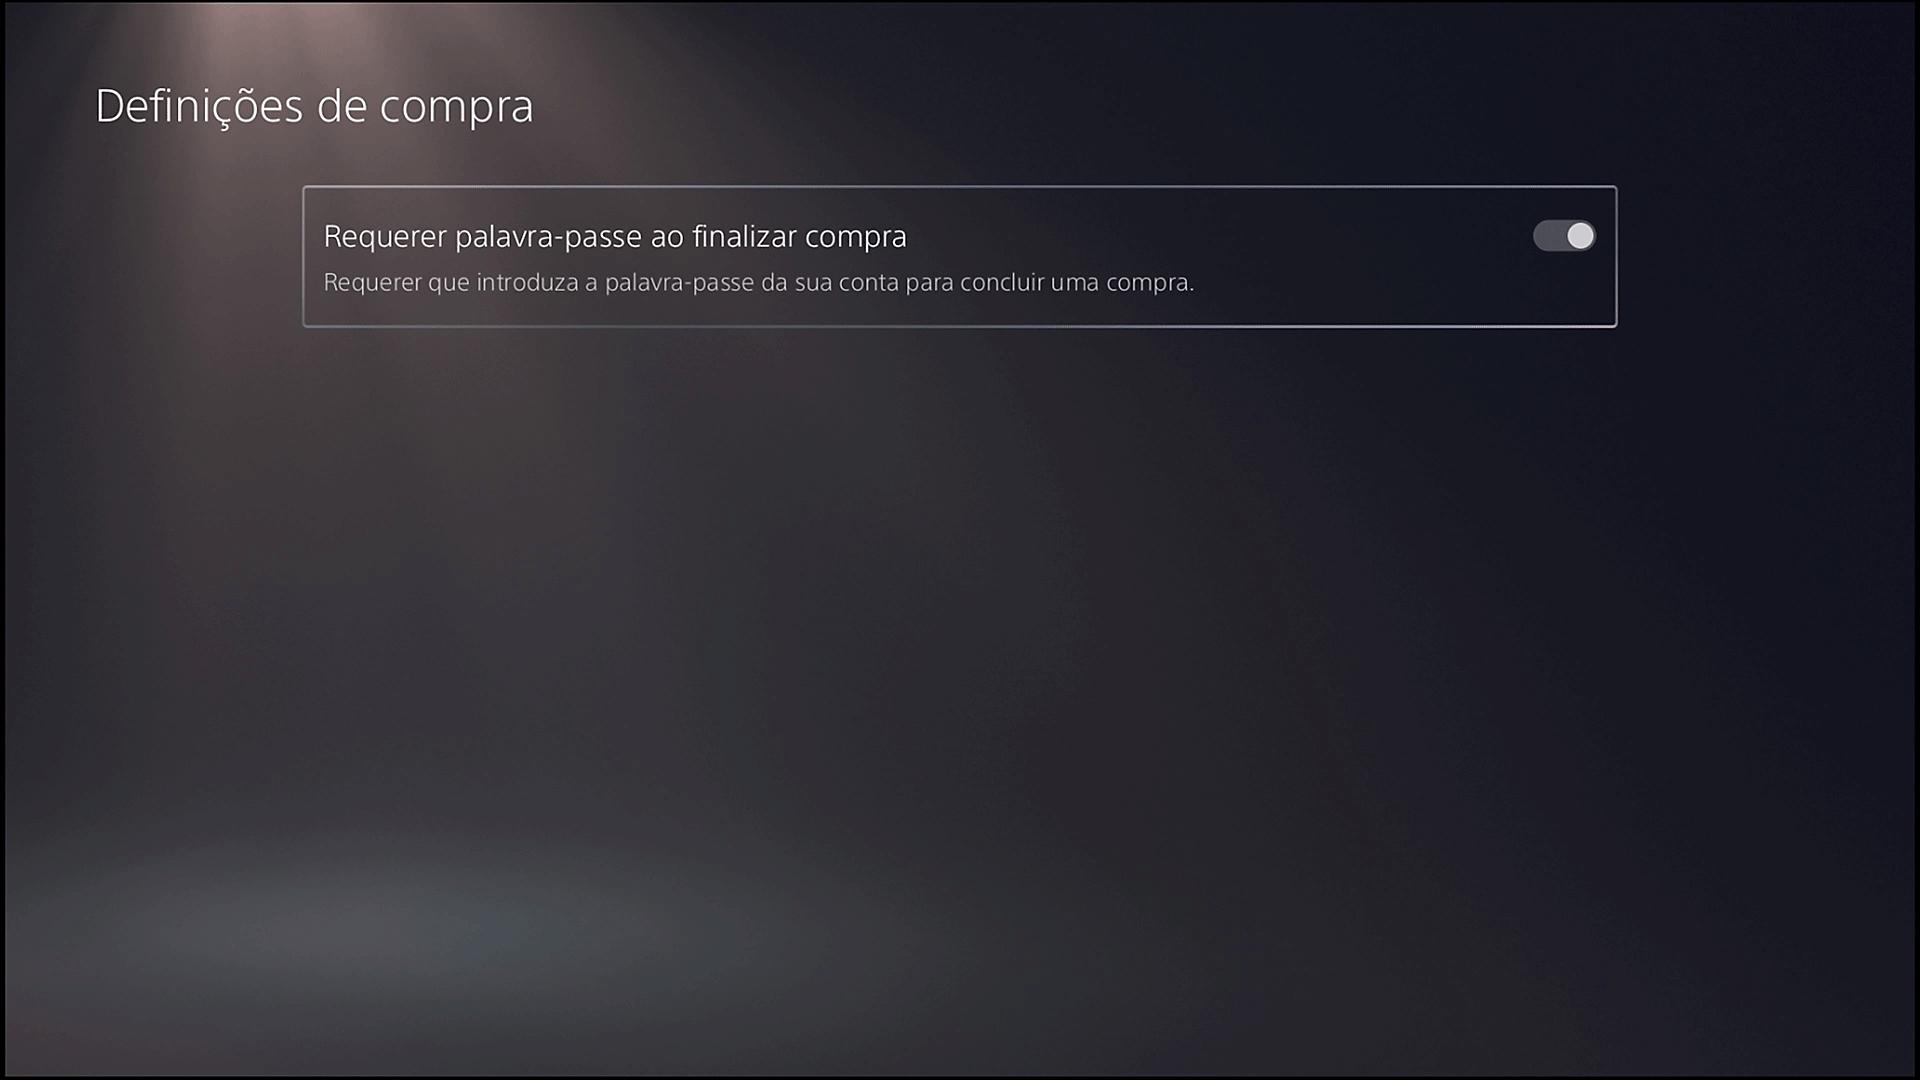 Ecrã de definições de compra da PS5 com a opção Requerer palavra-passe ao finalizar compra